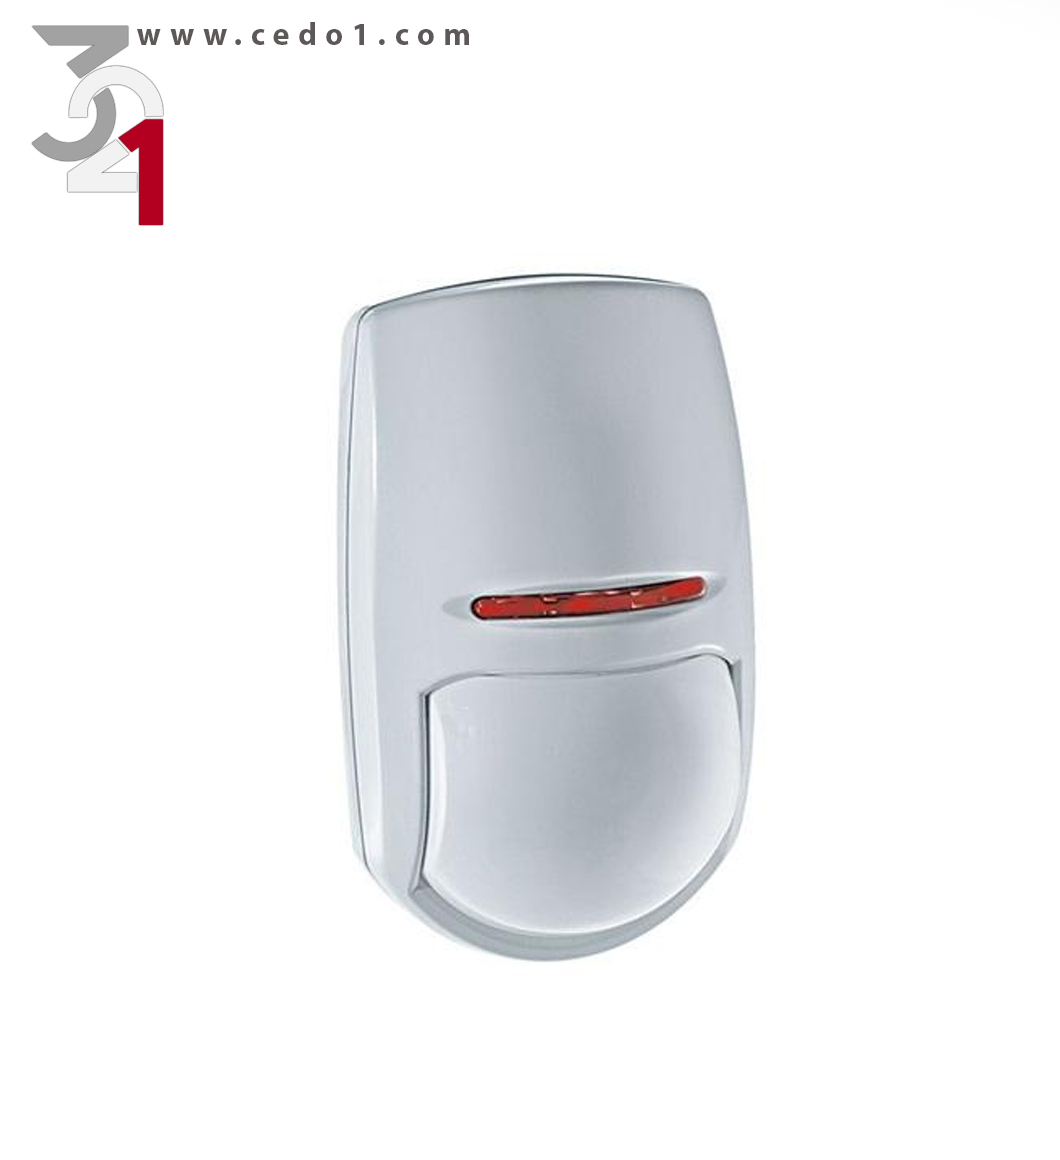 چشمی دزدگیر اماکن پایرونیکس مدل KX15ED